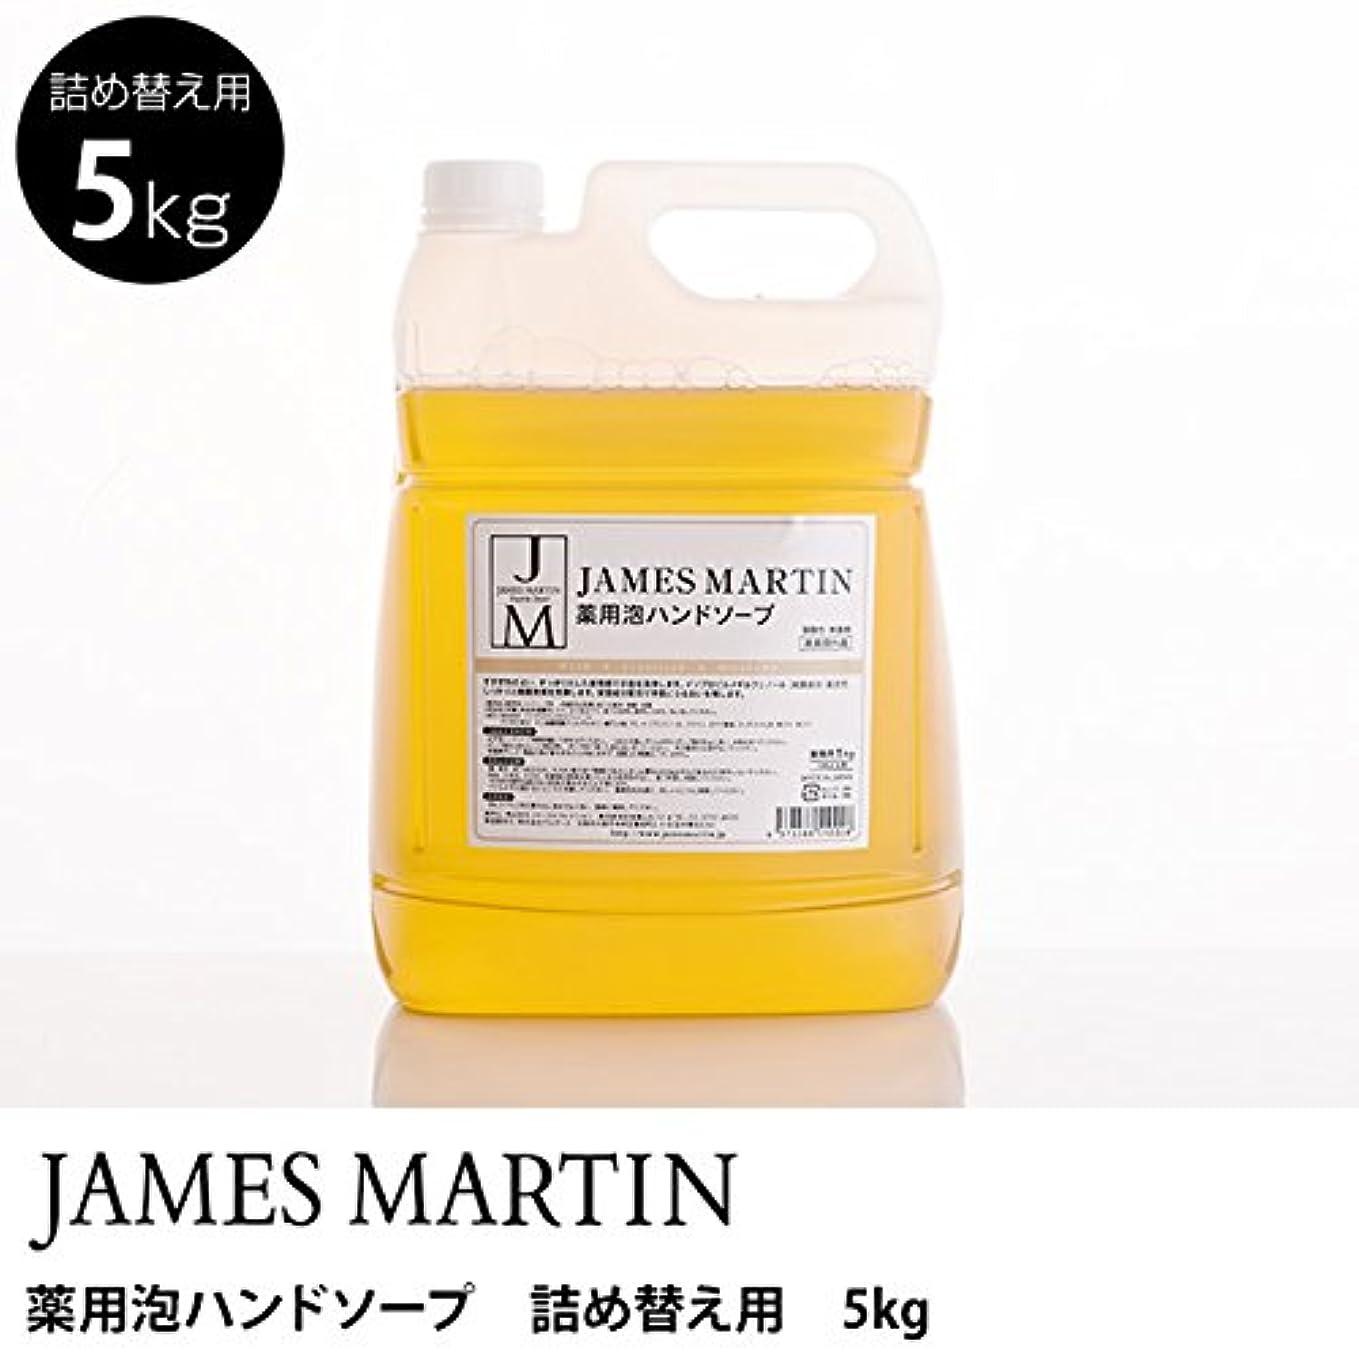 改修迷路電話に出るジェームズマーティン 薬用泡ハンドソープ(無香料) 詰替用 5kg